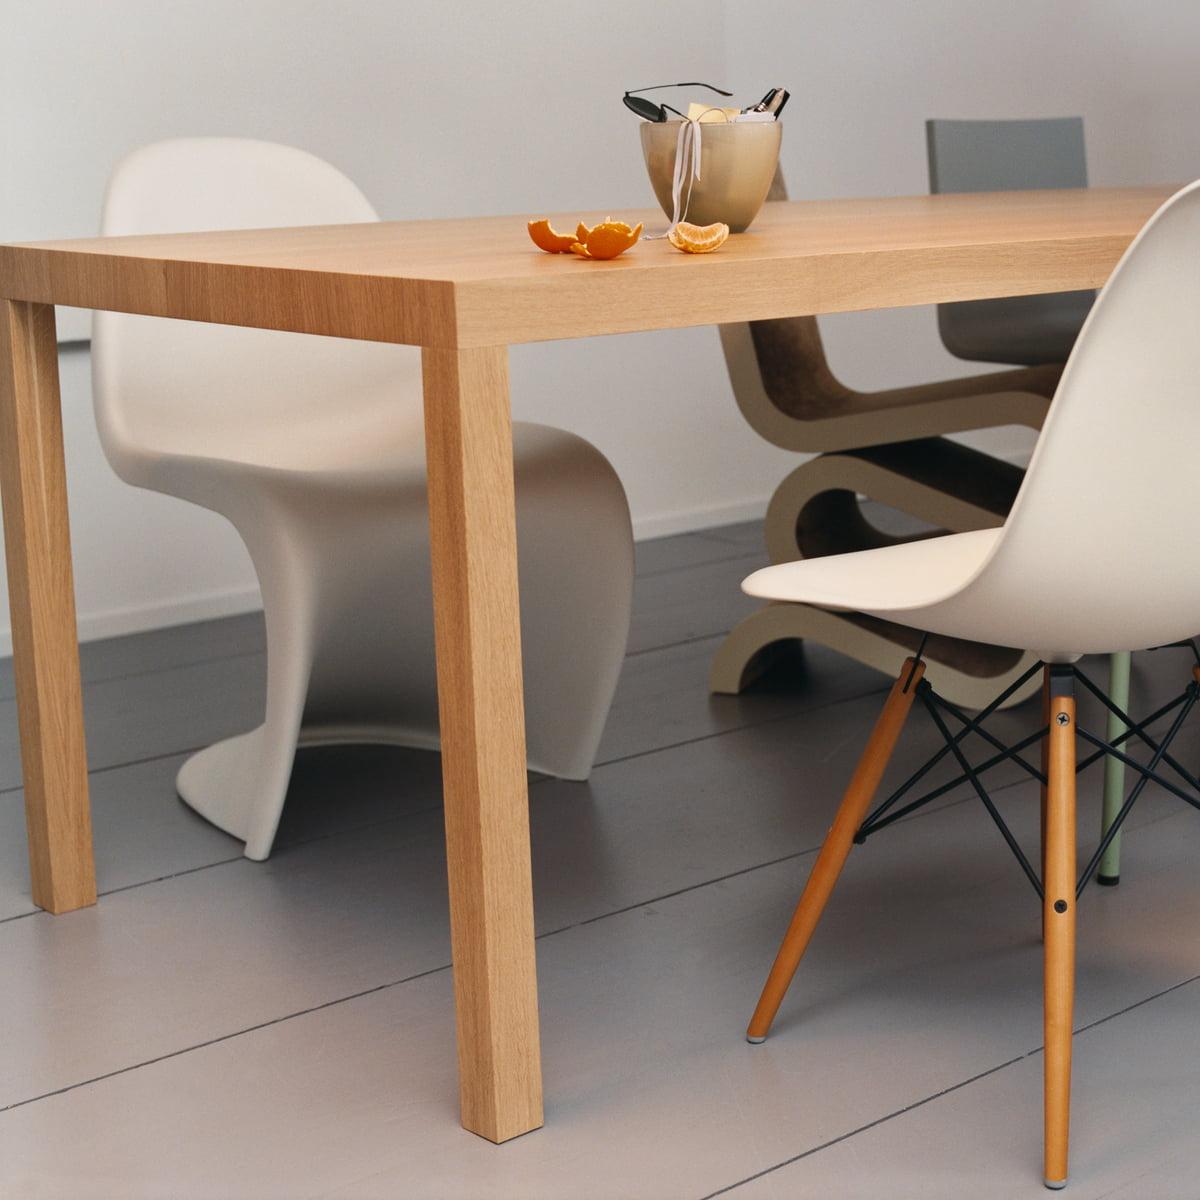 Stühle modern vitra  Panton Chair von Vitra im Wohndesign-Shop